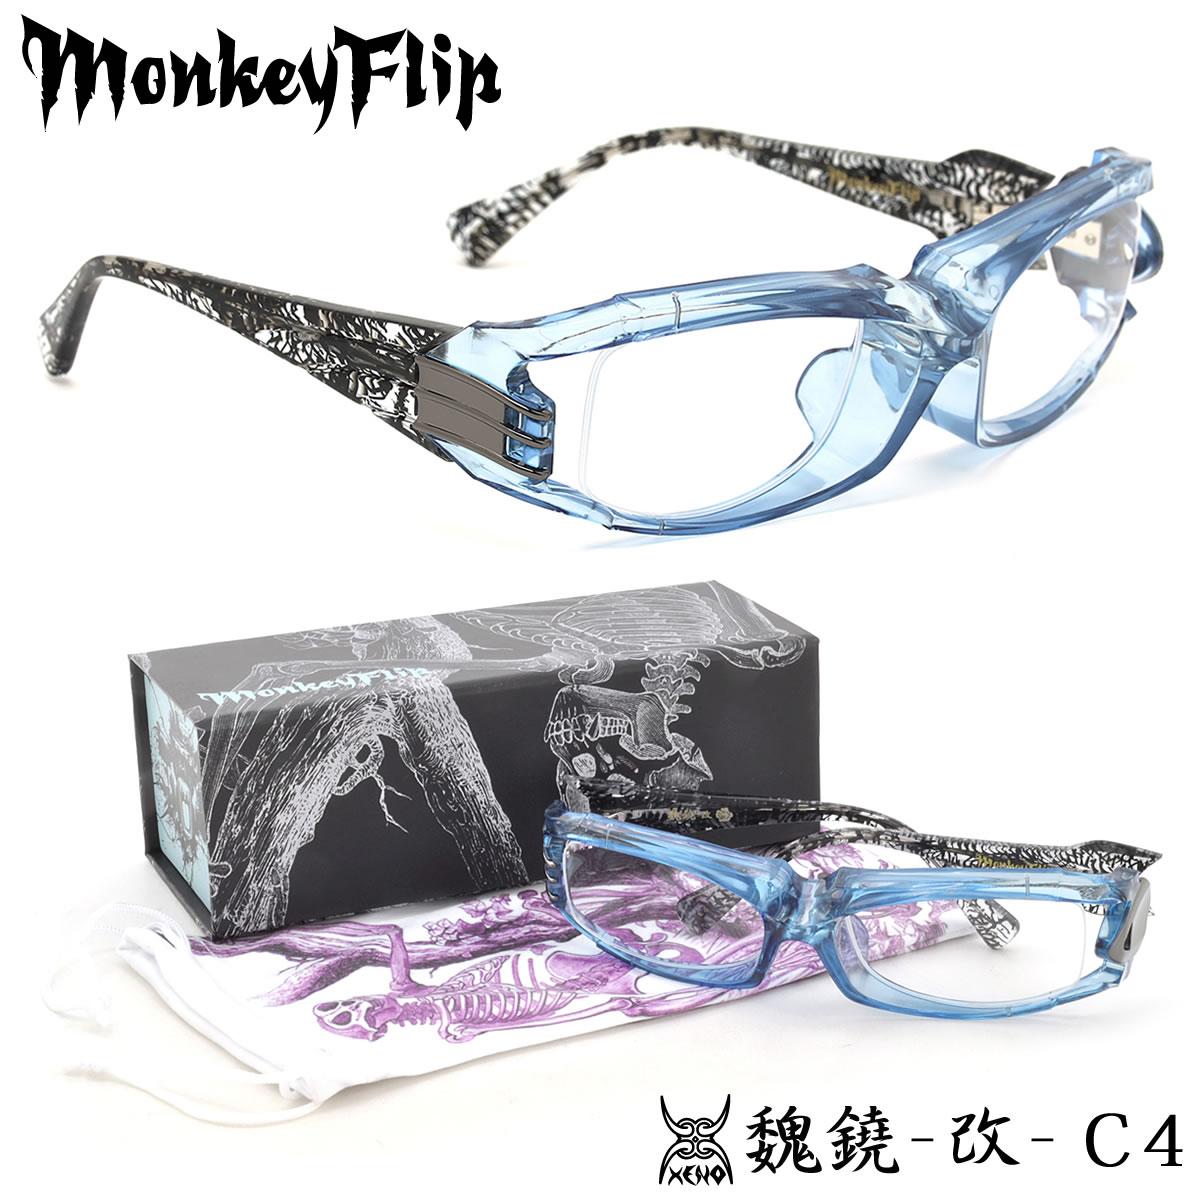 【Monkey Flip】(モンキーフリップ) メガネ 魏鐃改 C4 61サイズ 魏鐃-改- XENO ギドラカイ ゼノ モンキーフリップ MonkeyFlip メンズ レディース